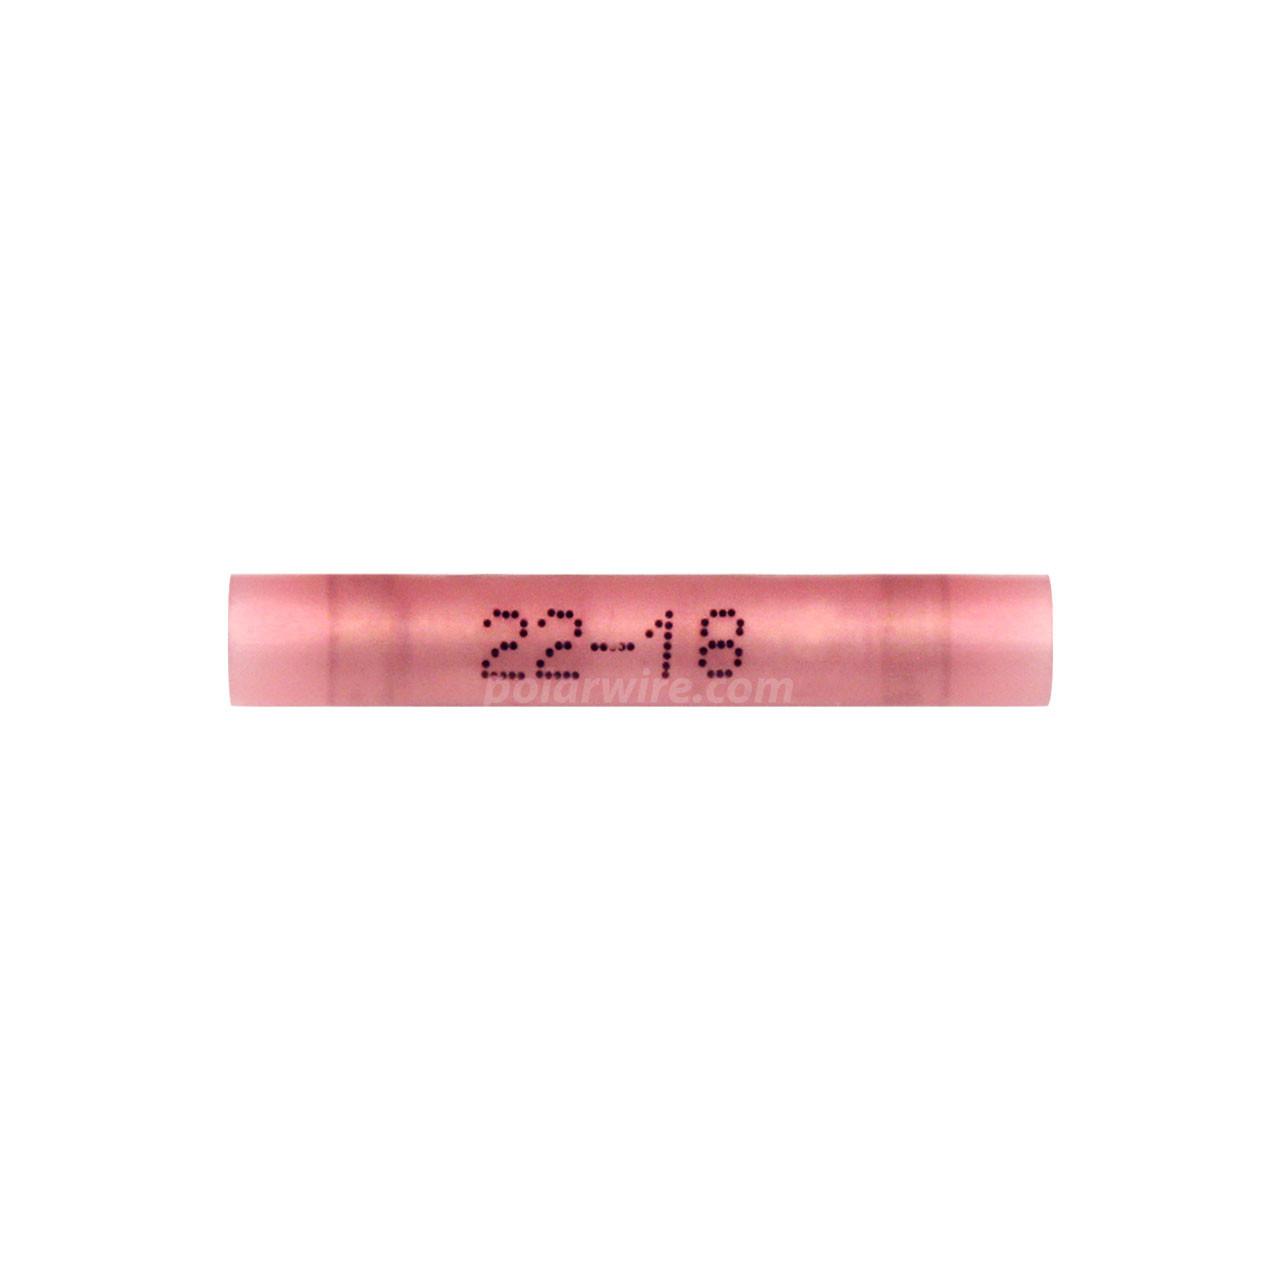 NYLON BUTT SPLICE 22-18GA  HD 25 PACK MOLEX